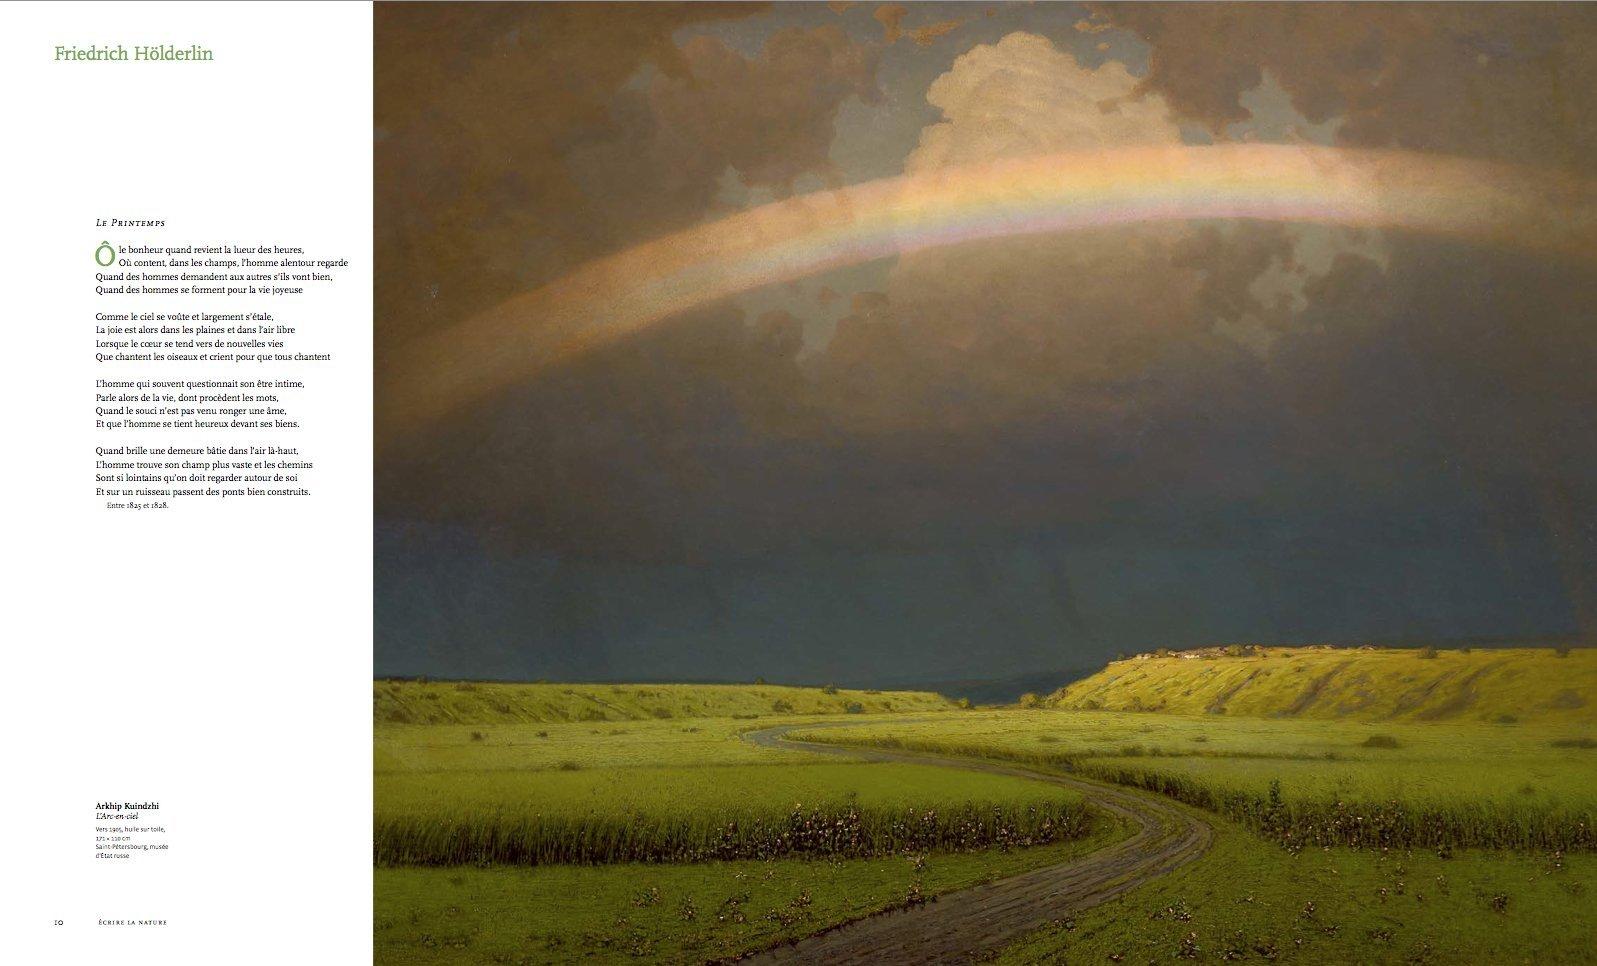 Tras la senda de Thoreau: libros, ensayos, documentales etc de vida salvaje y naturaleza. - Página 2 71cdSjOxAFL